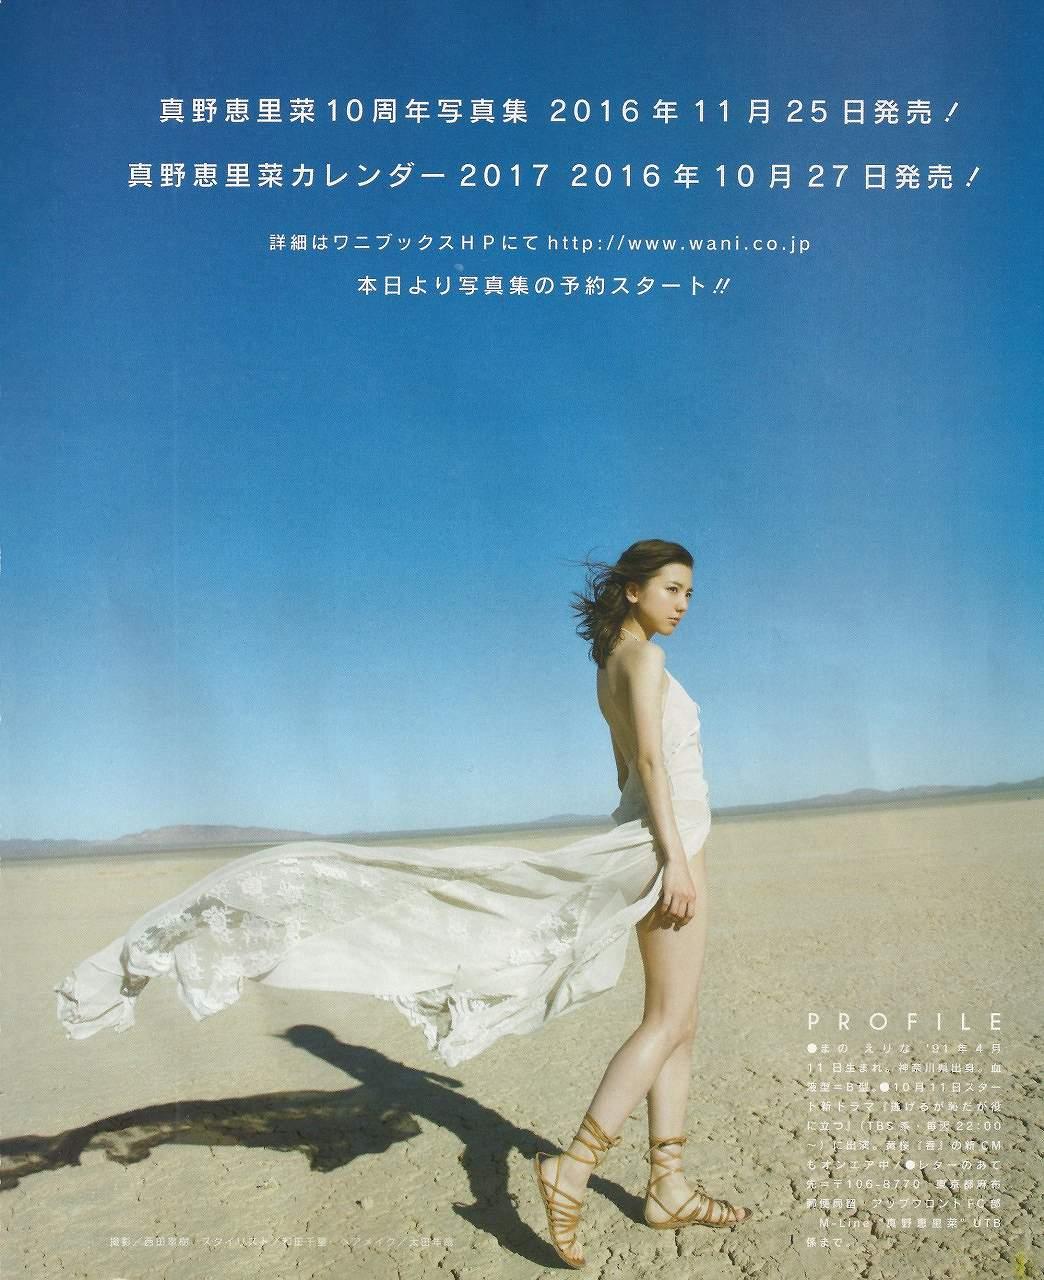 真野恵里菜カレンダー 2017画像